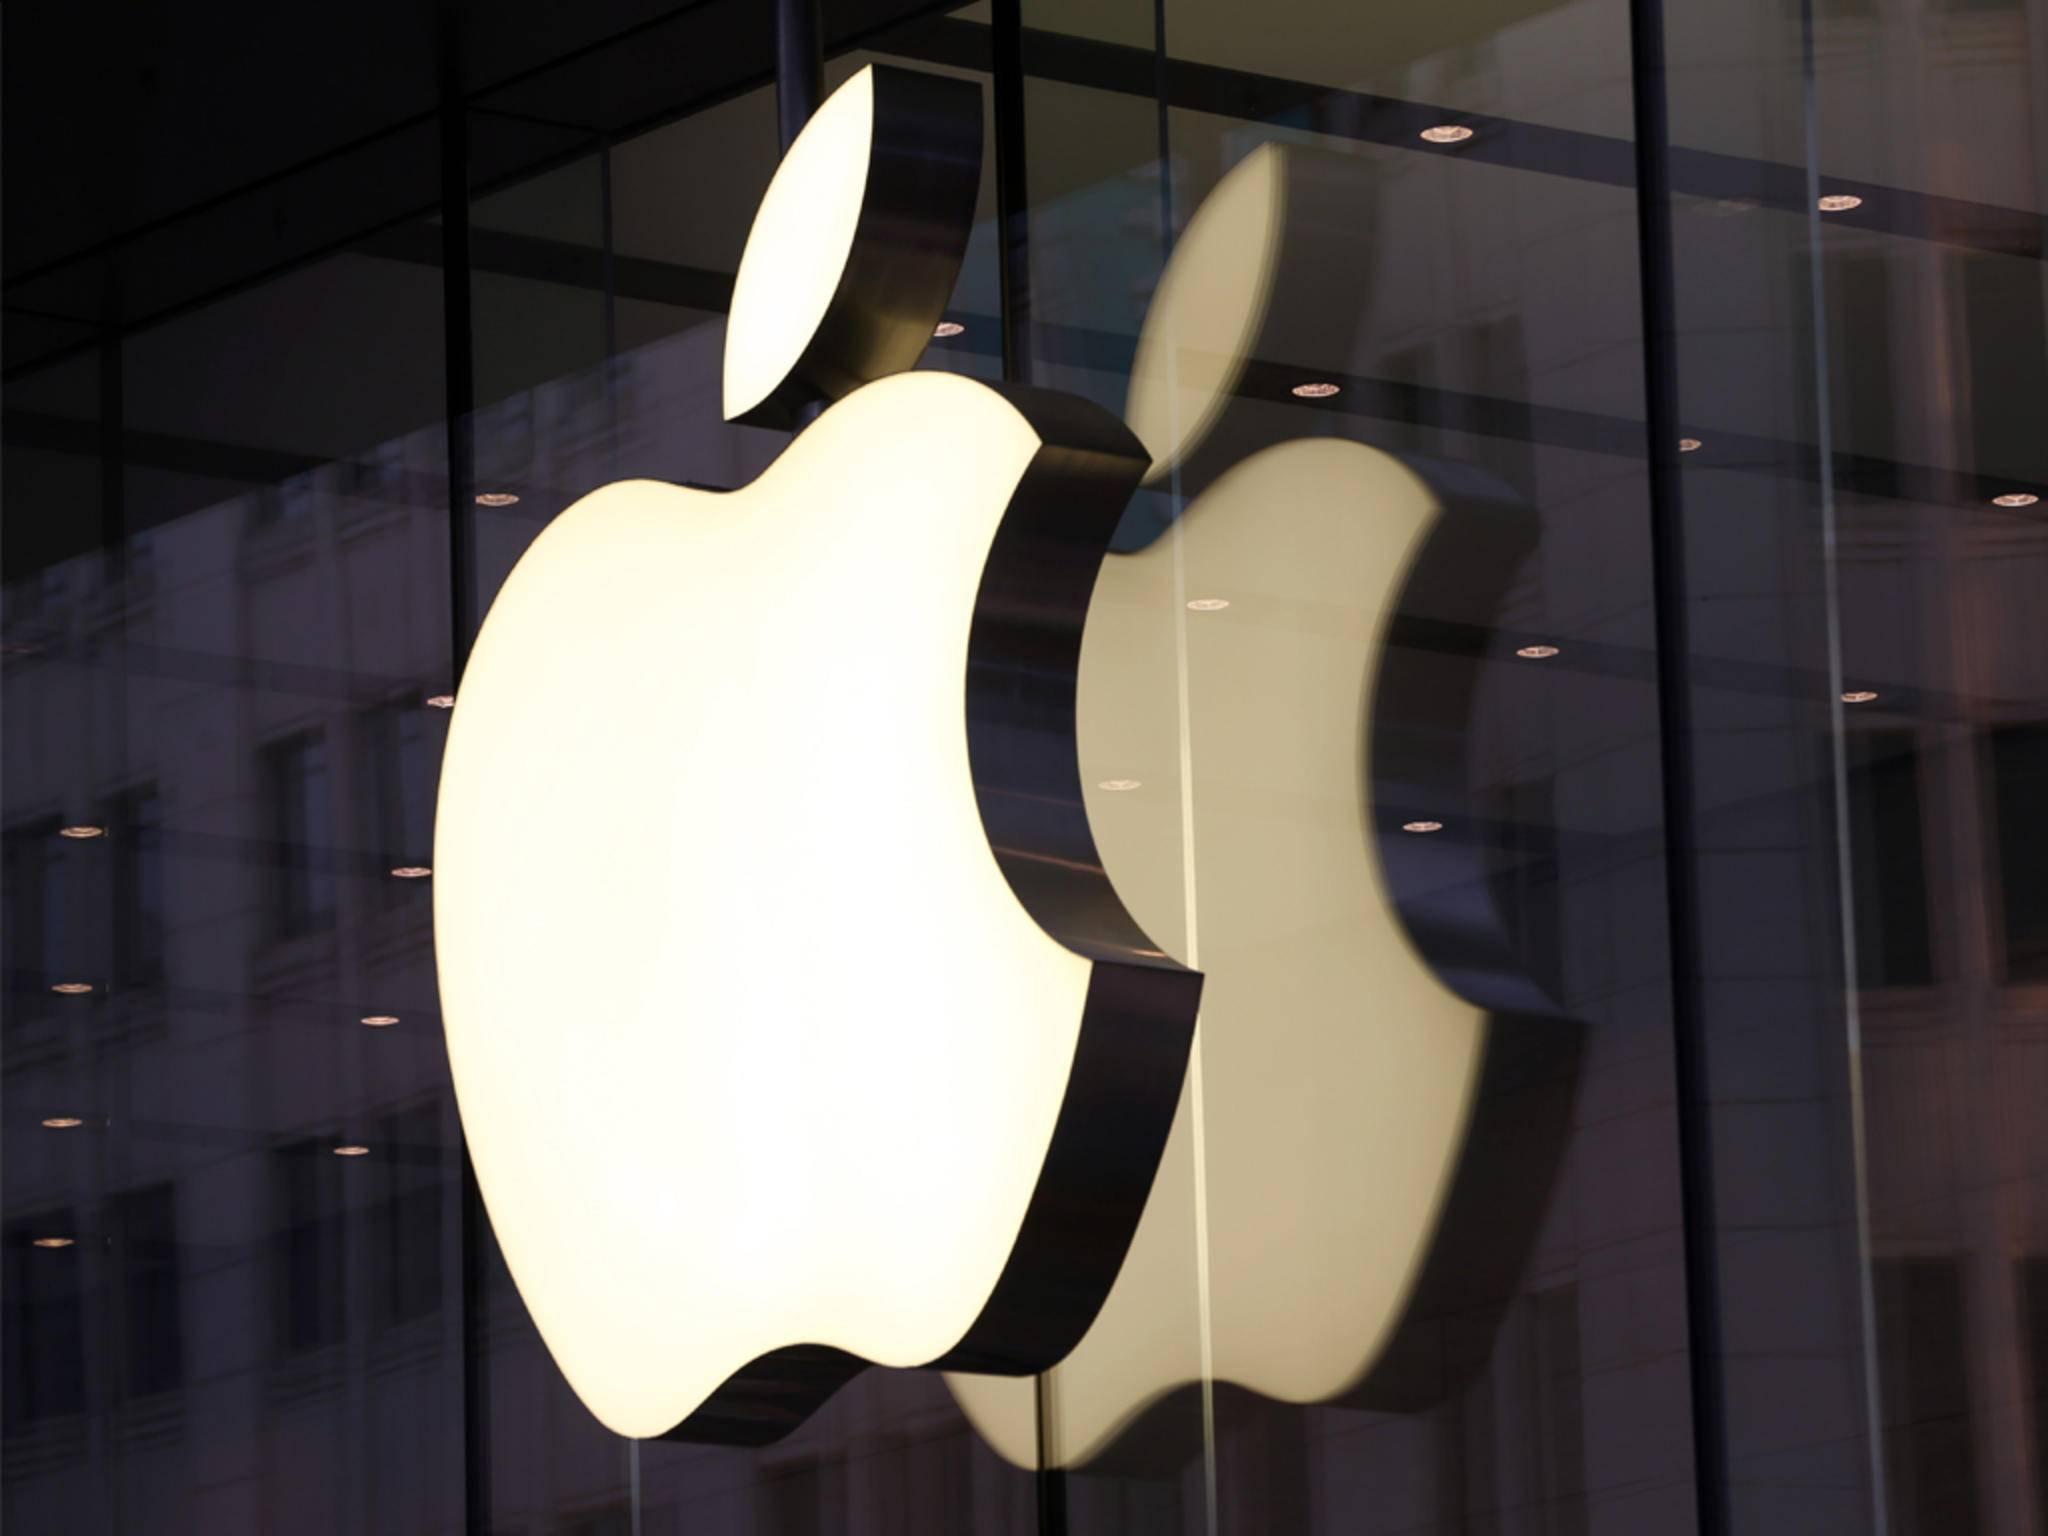 Apple investiert eine gewaltige Summe in eine chinesische App.